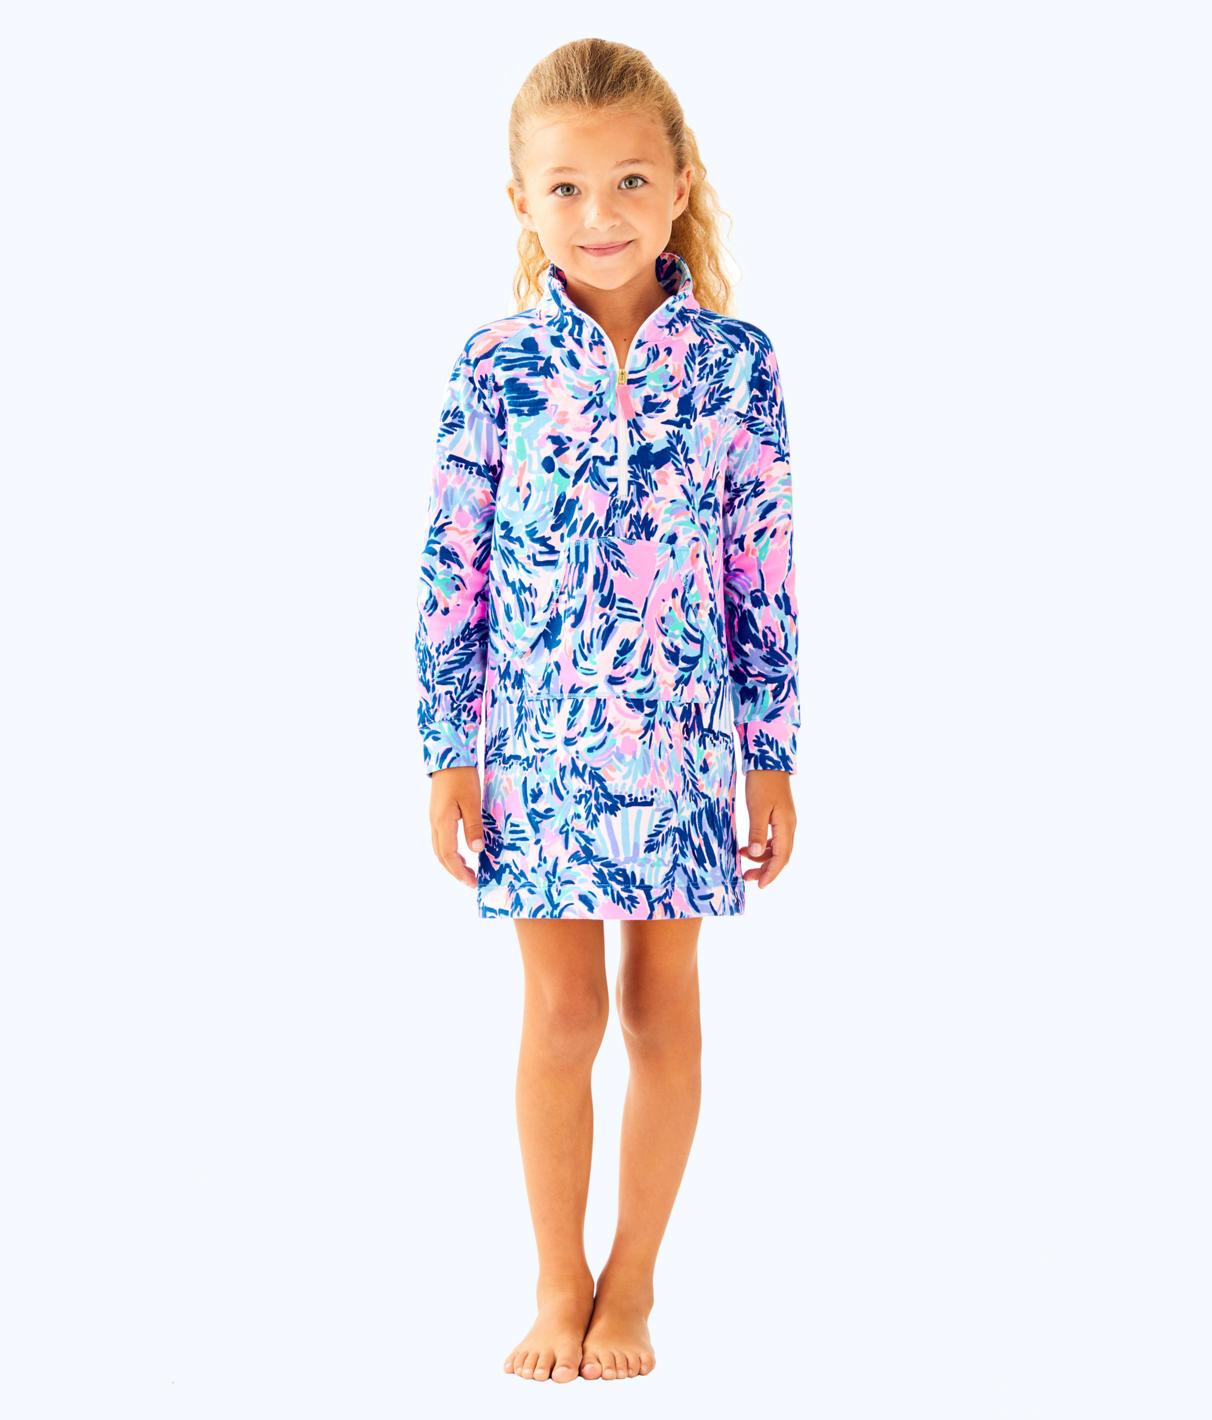 Lilly Pulitzer Lilly Pulitzer Girls Mini Skipper Dress